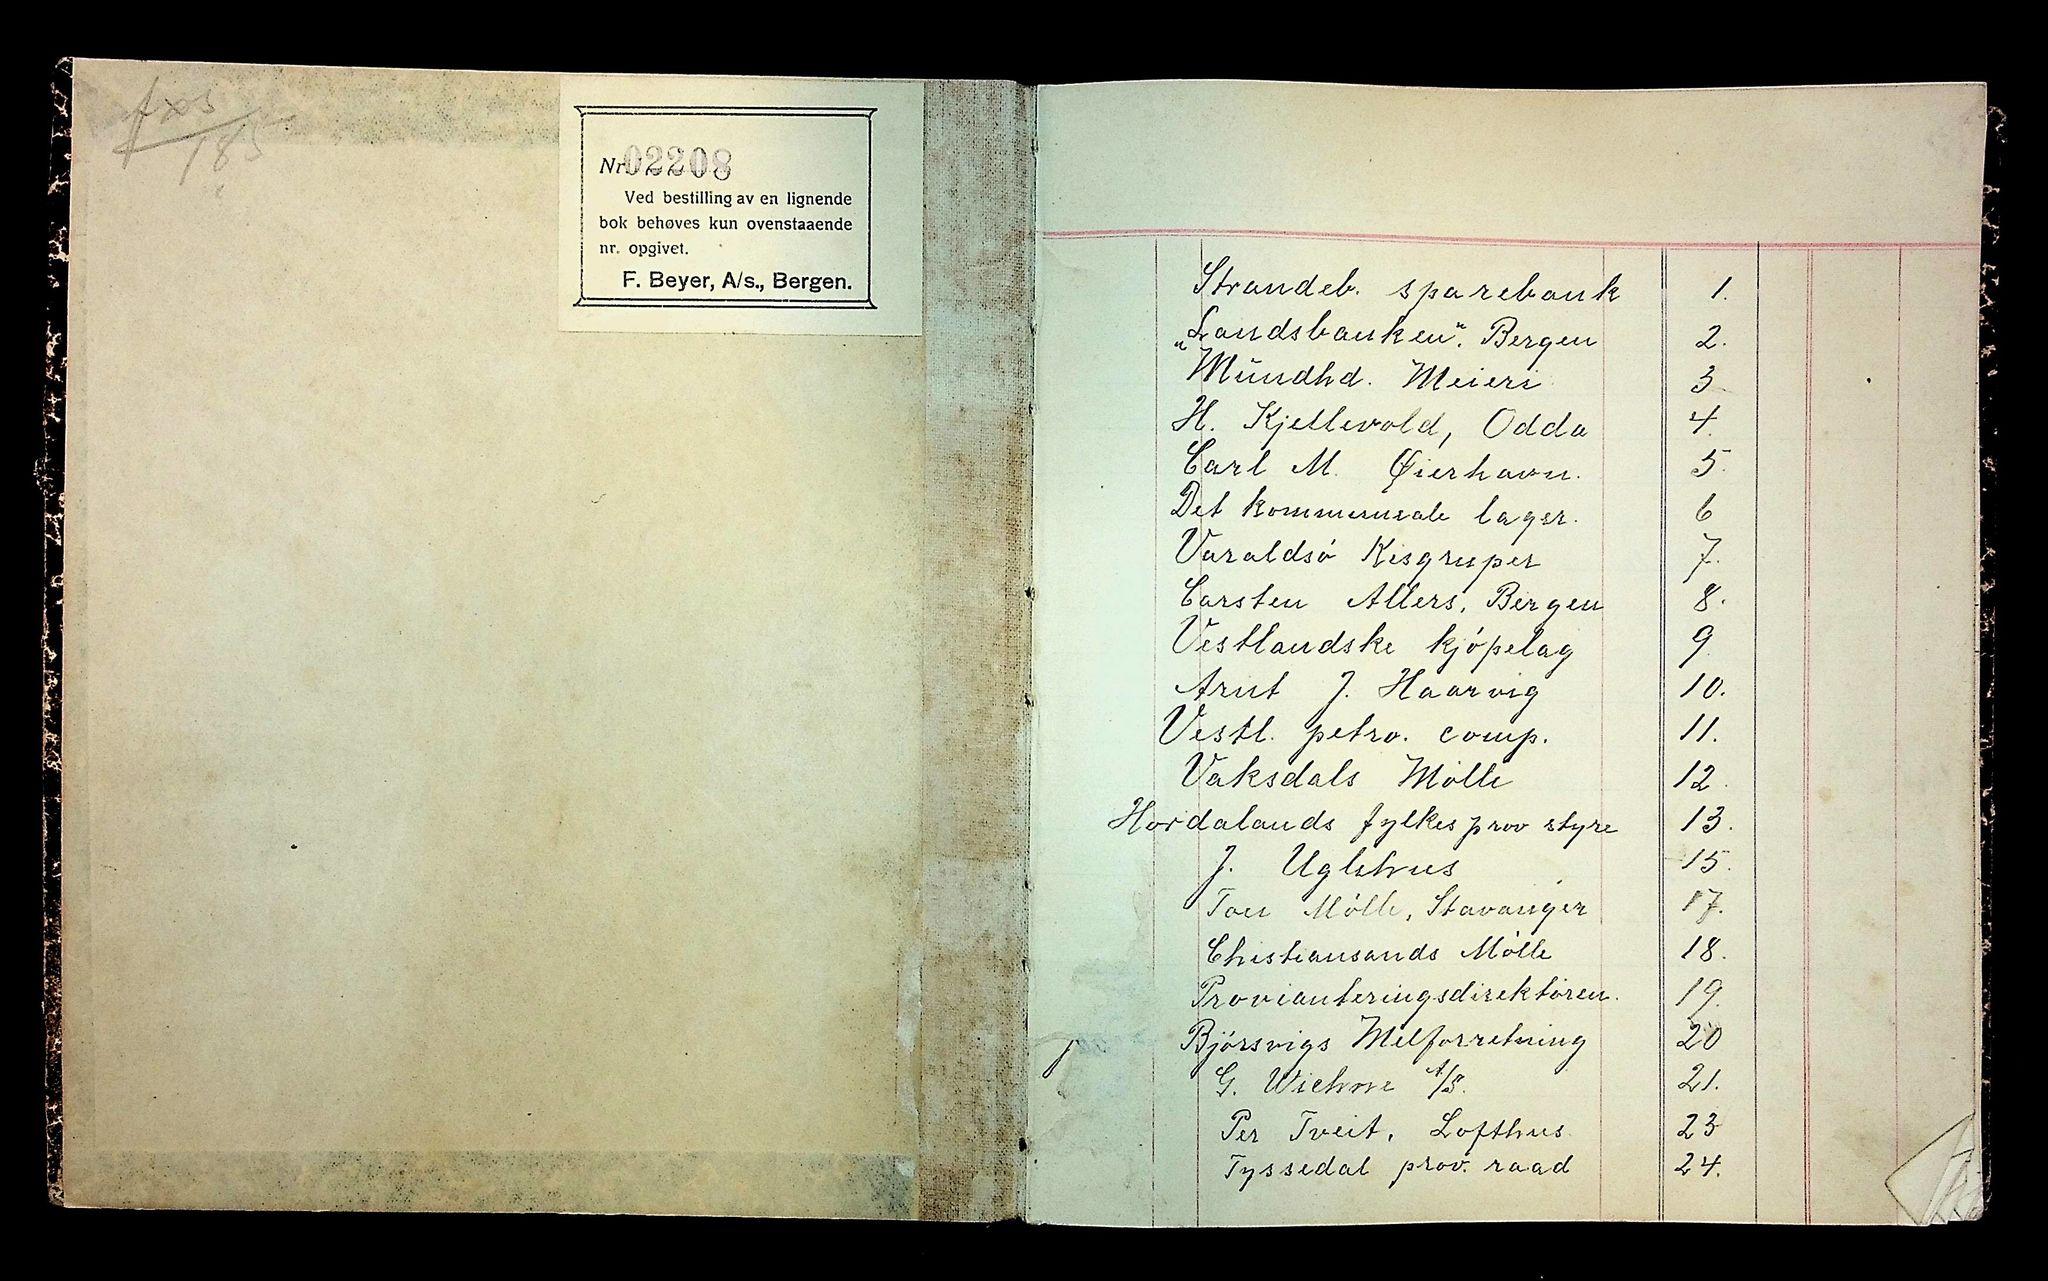 IKAH, Varaldsøy kommune. Mundheim provianteringsråd, R/Ra/L0002: Kontobok  for Mundheim provianteringsråd, 1919-1920, s. 2